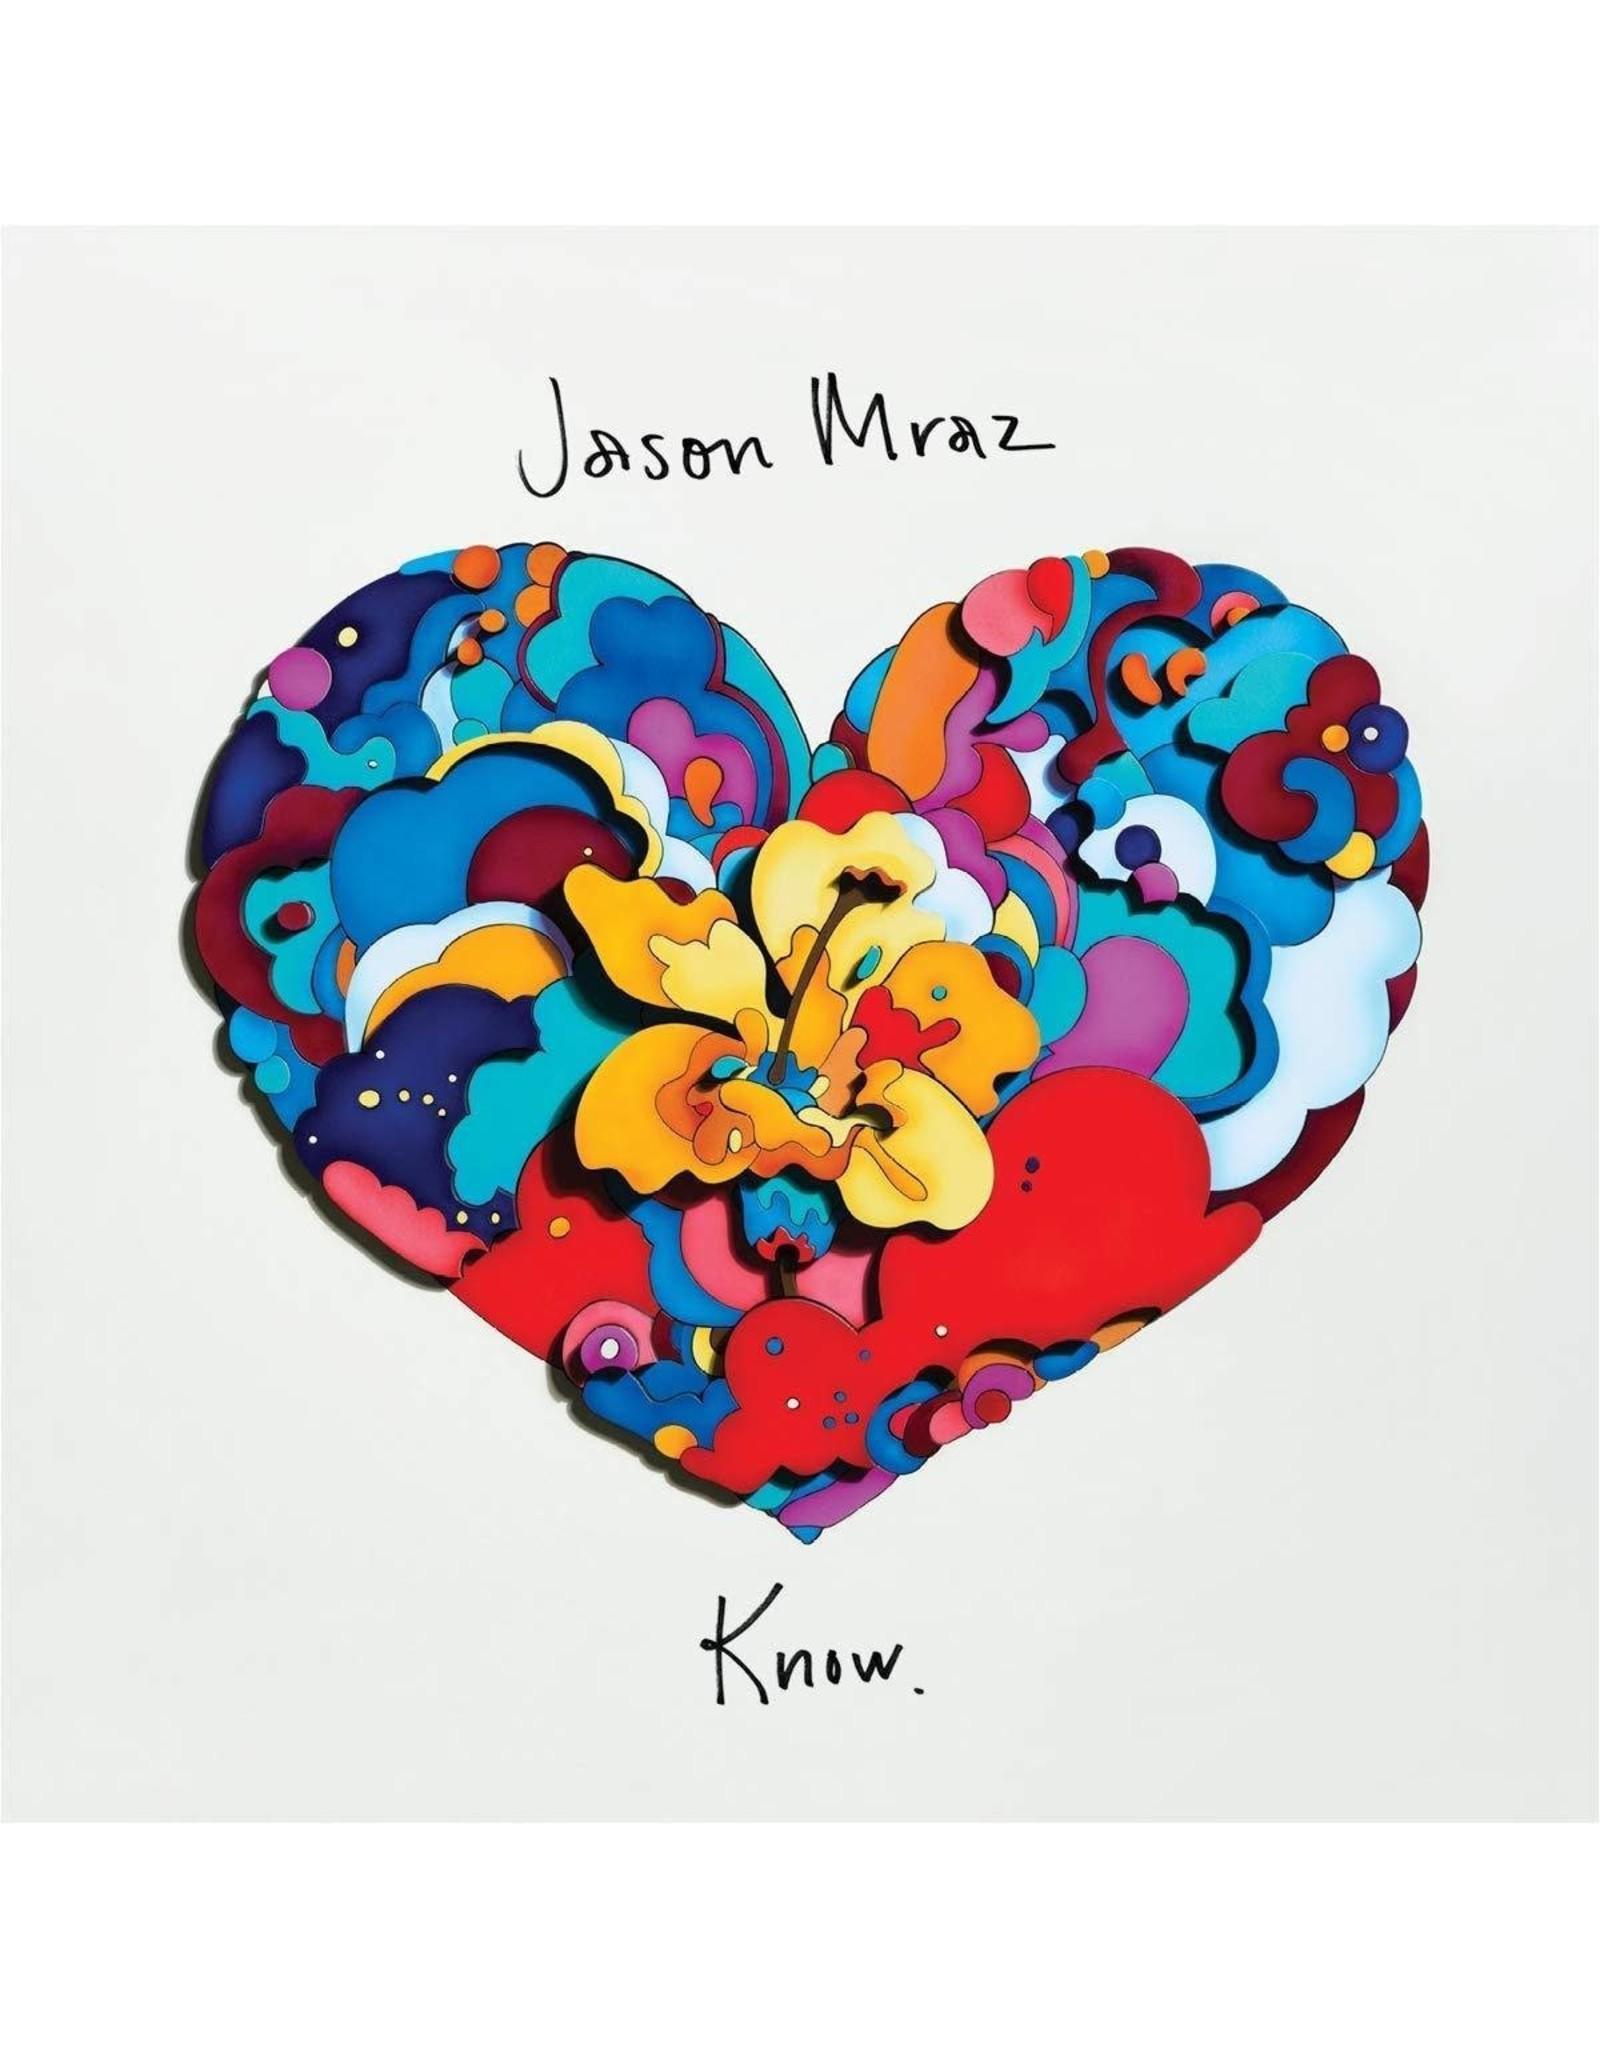 Jason Mraz - Know